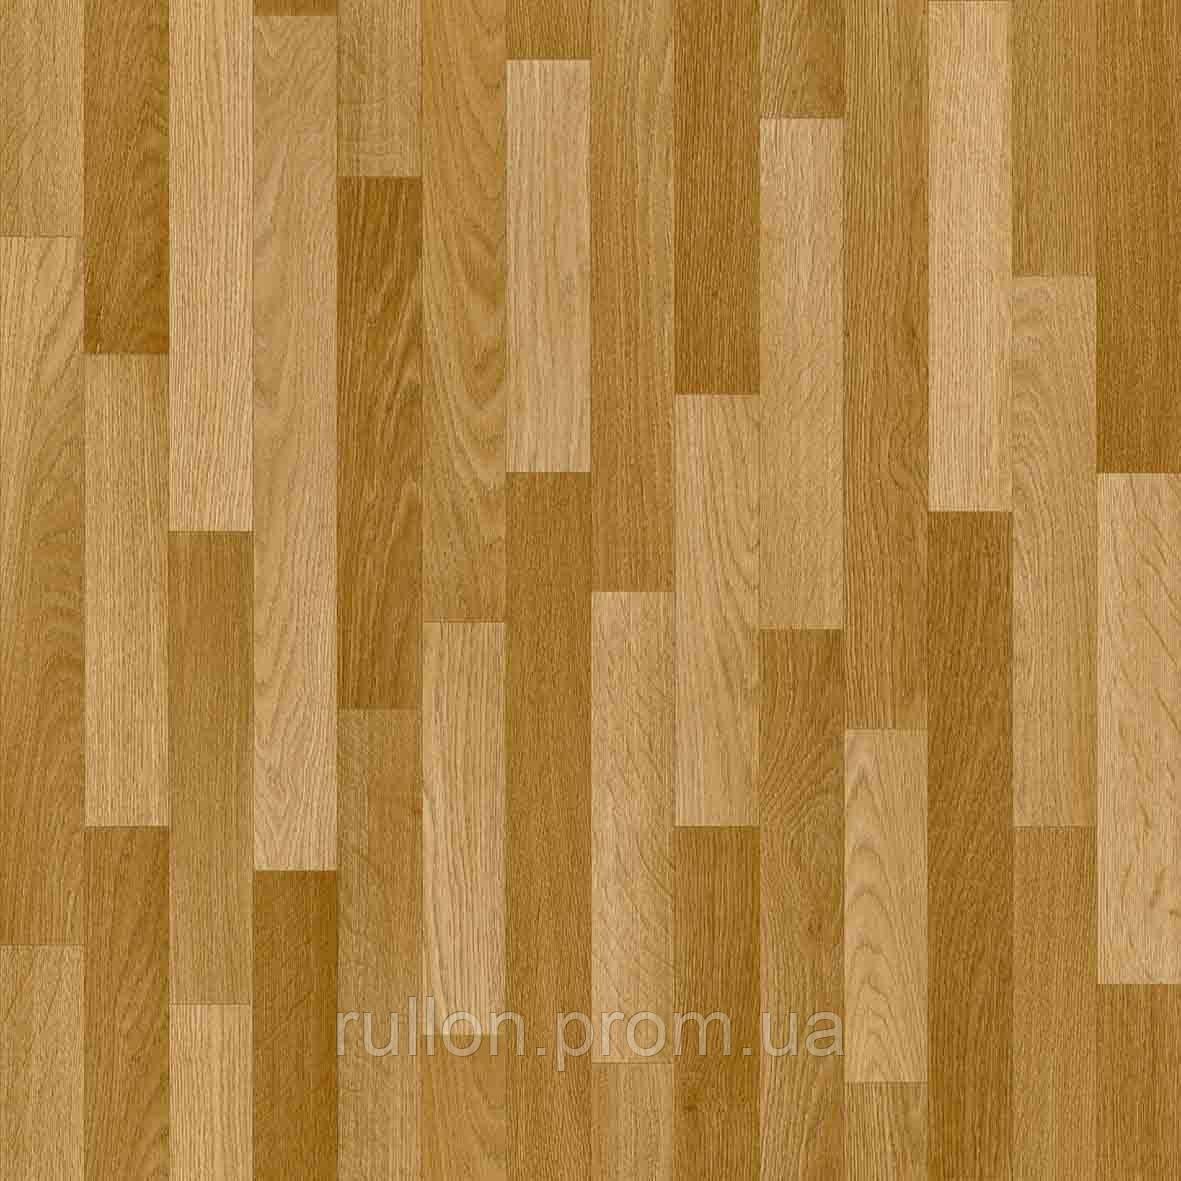 Бытовой Линолеум Juteks Trend Dalton 3504 (3.5м)